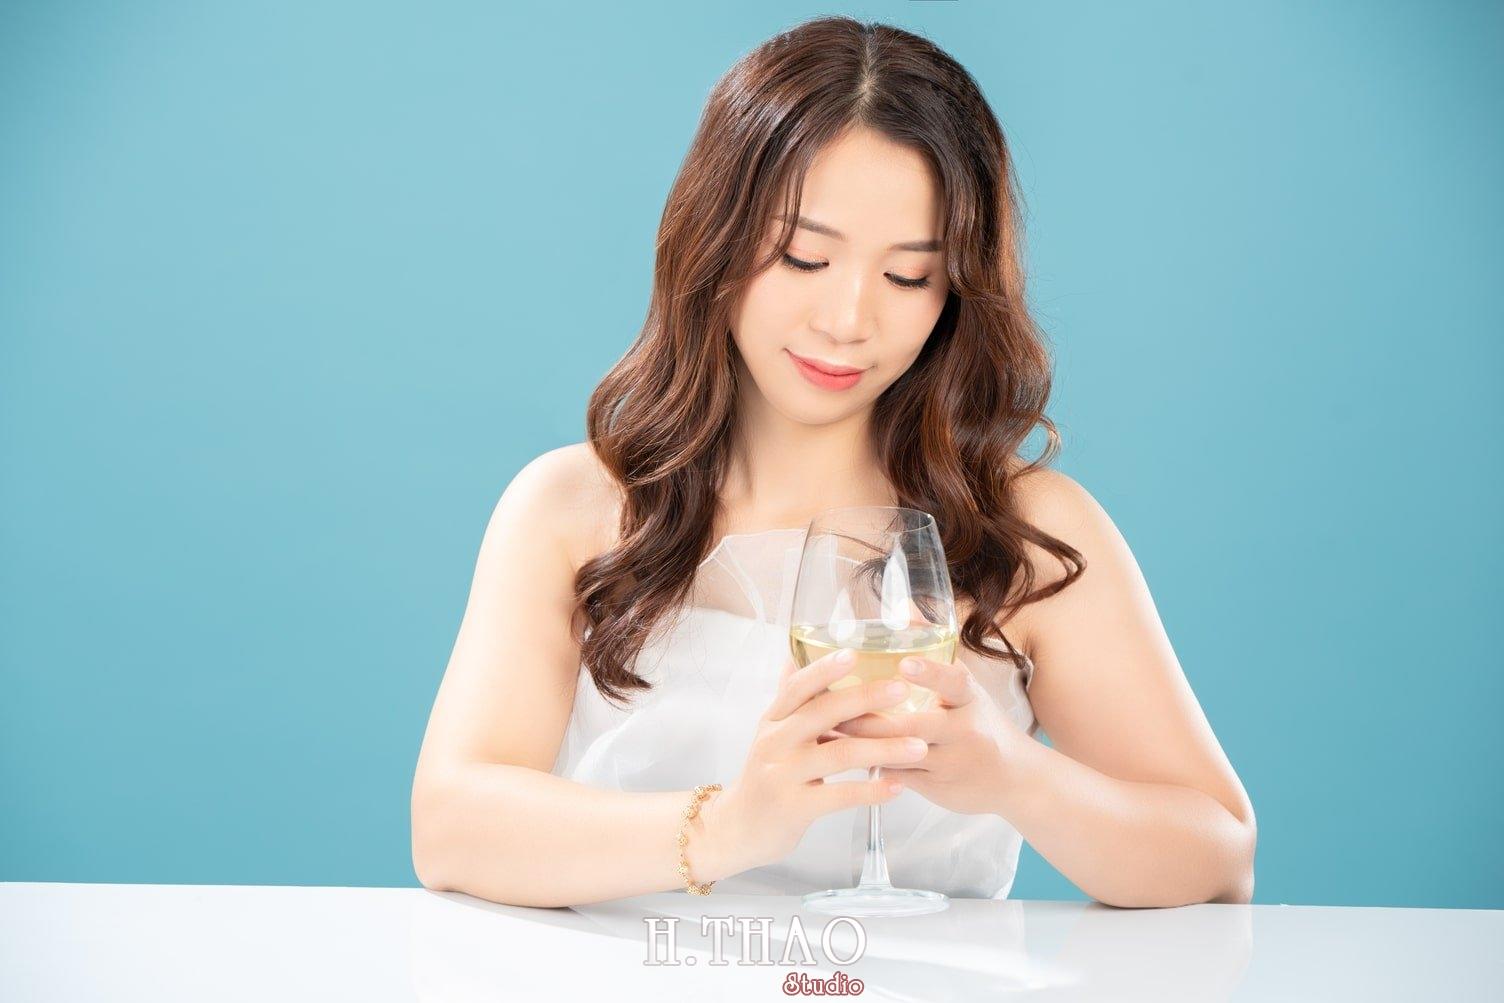 Anh Beauty 16 - Album ảnh beauty bé Sang đẹp nhẹ nhàng - HThao Studio